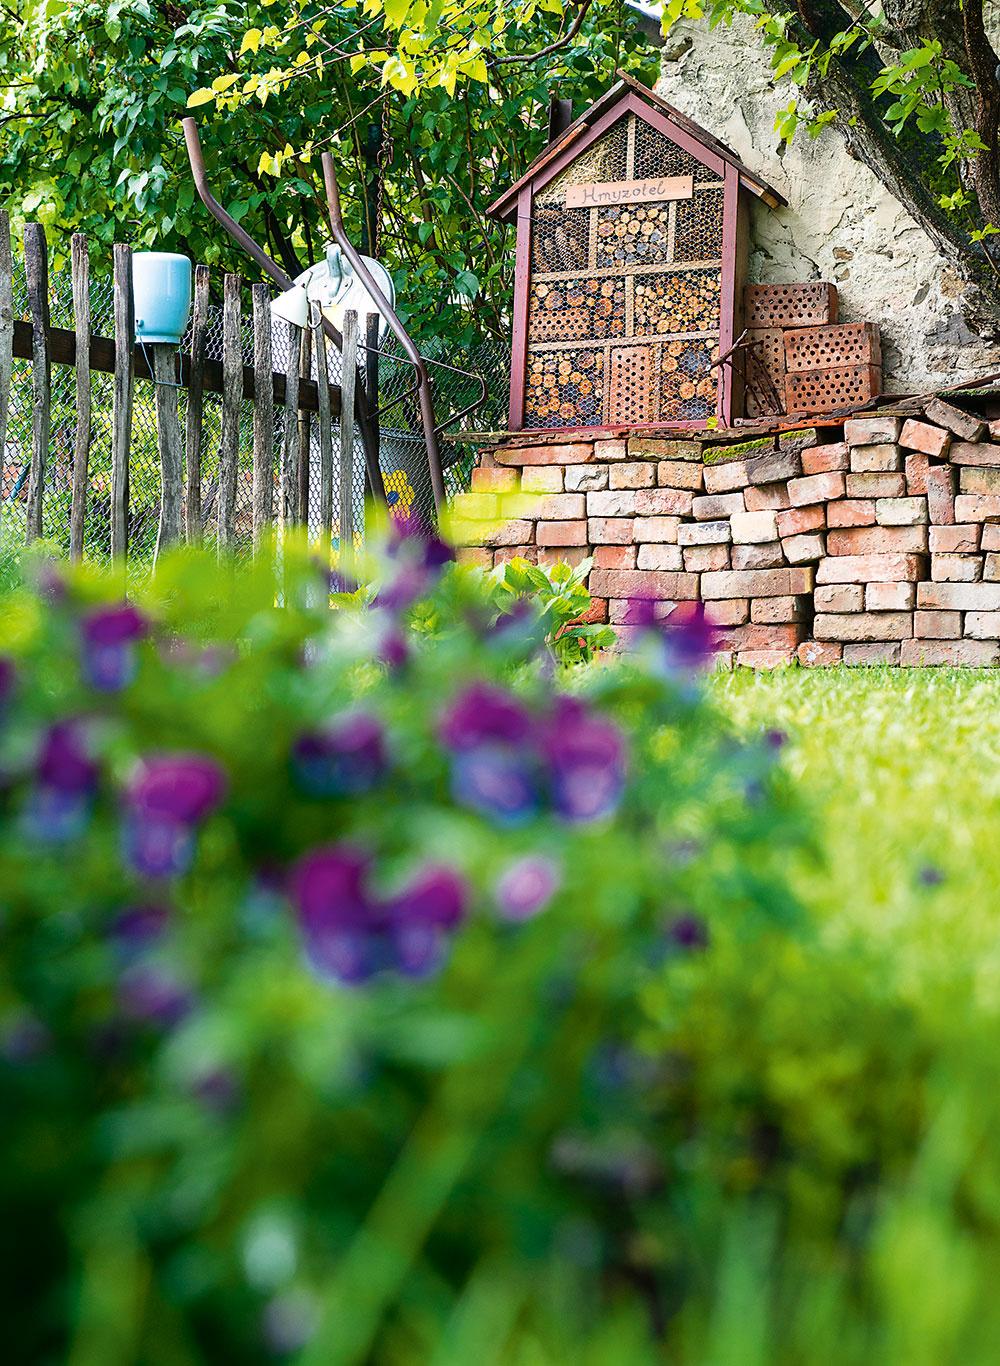 Vsprávnej prírodnej záhrade nesmie chýbať domček pre hmyz. Tento má nielen úctyhodné rozmery, ale dokonca ihrdý nápis – Hmyzotel.